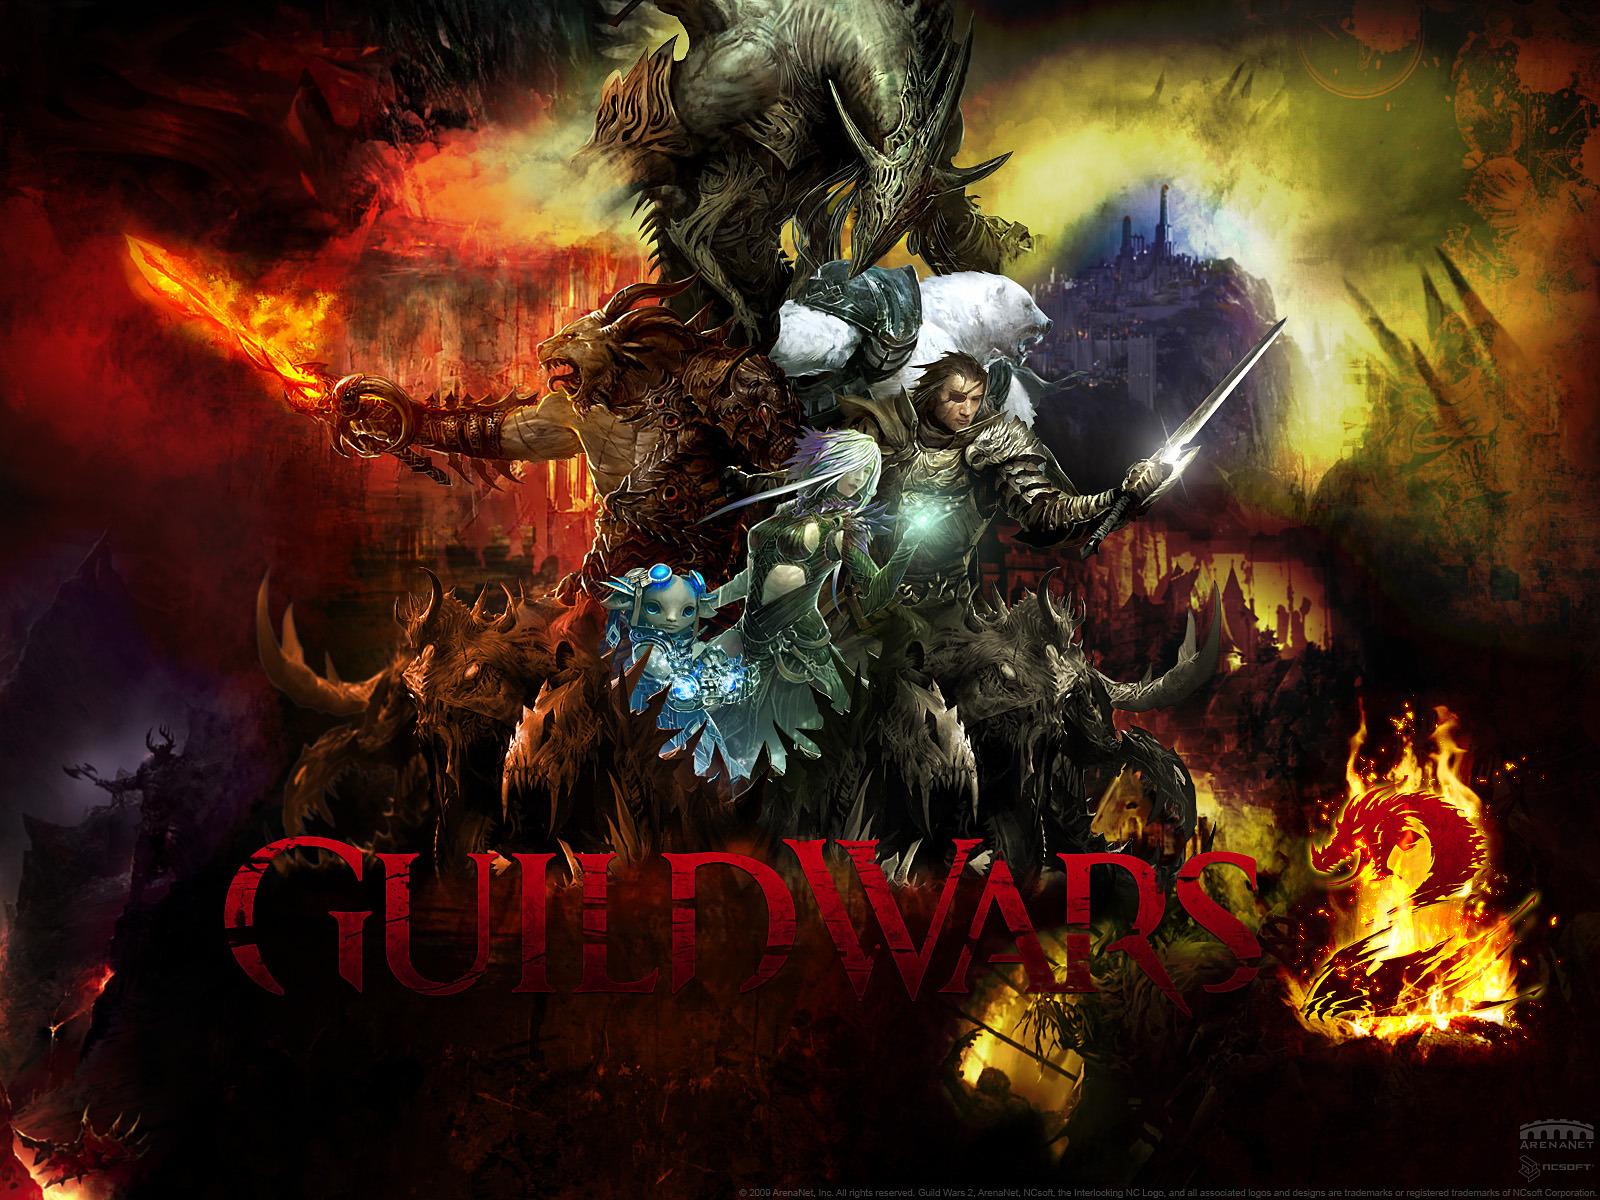 Fond ecran wallpaper Guild Wars 2   JeuxVideofr 1600x1200